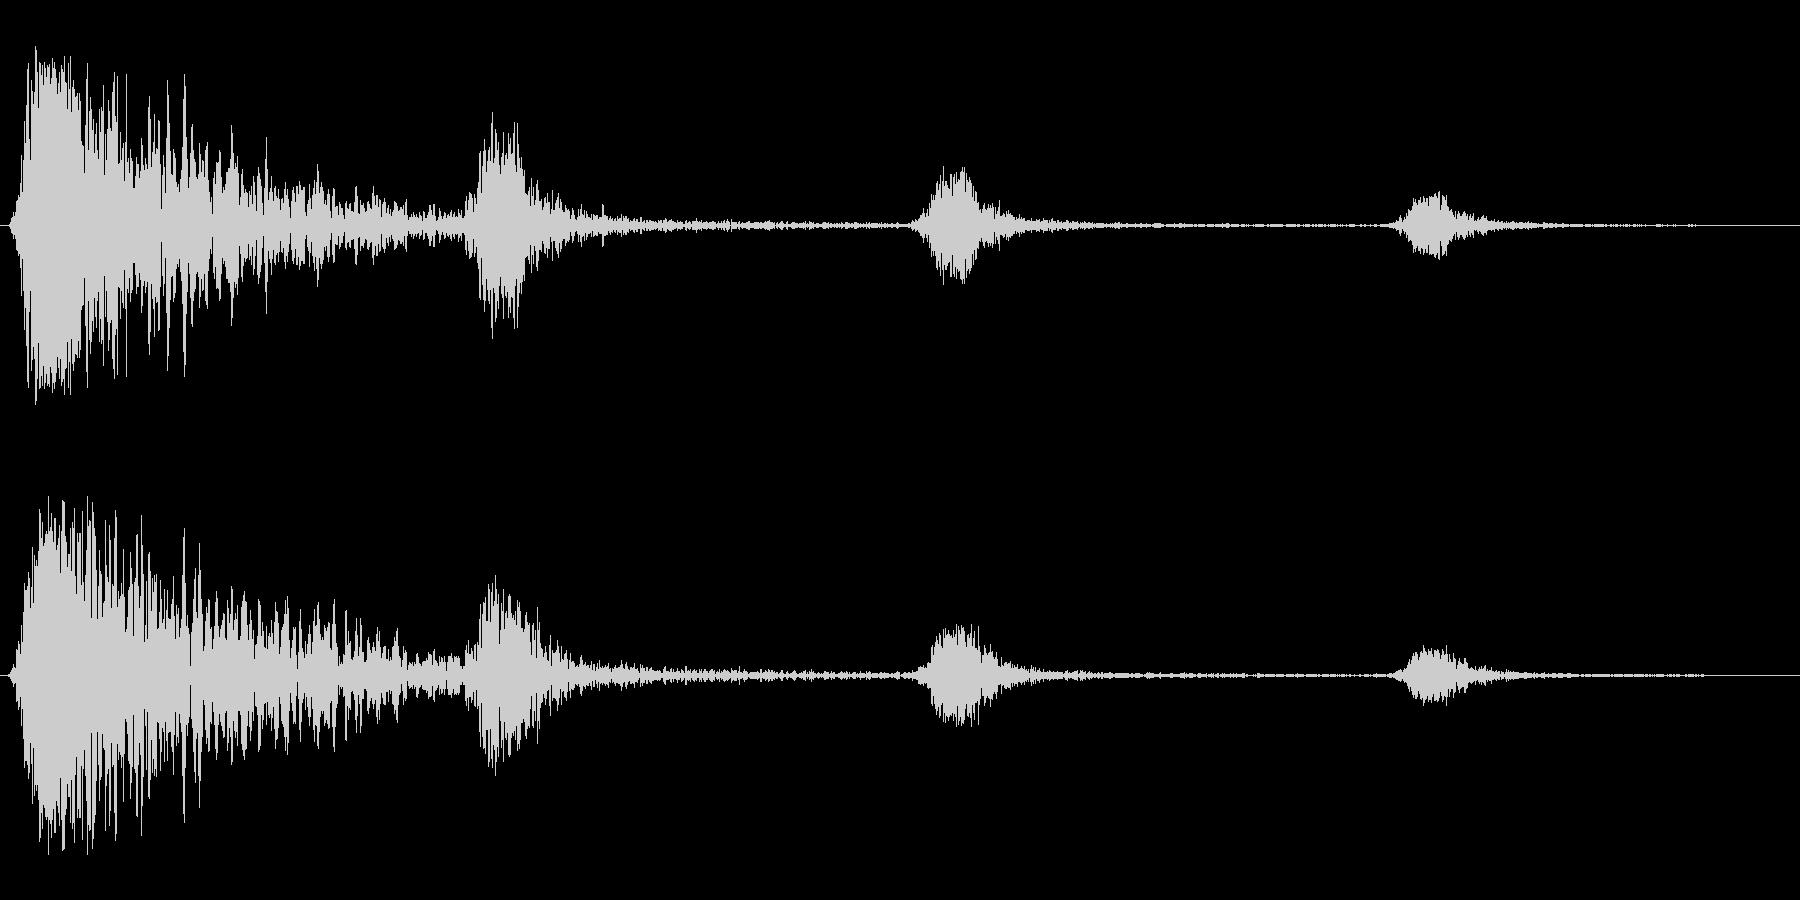 シュワンシュンシュン(回転音)の未再生の波形